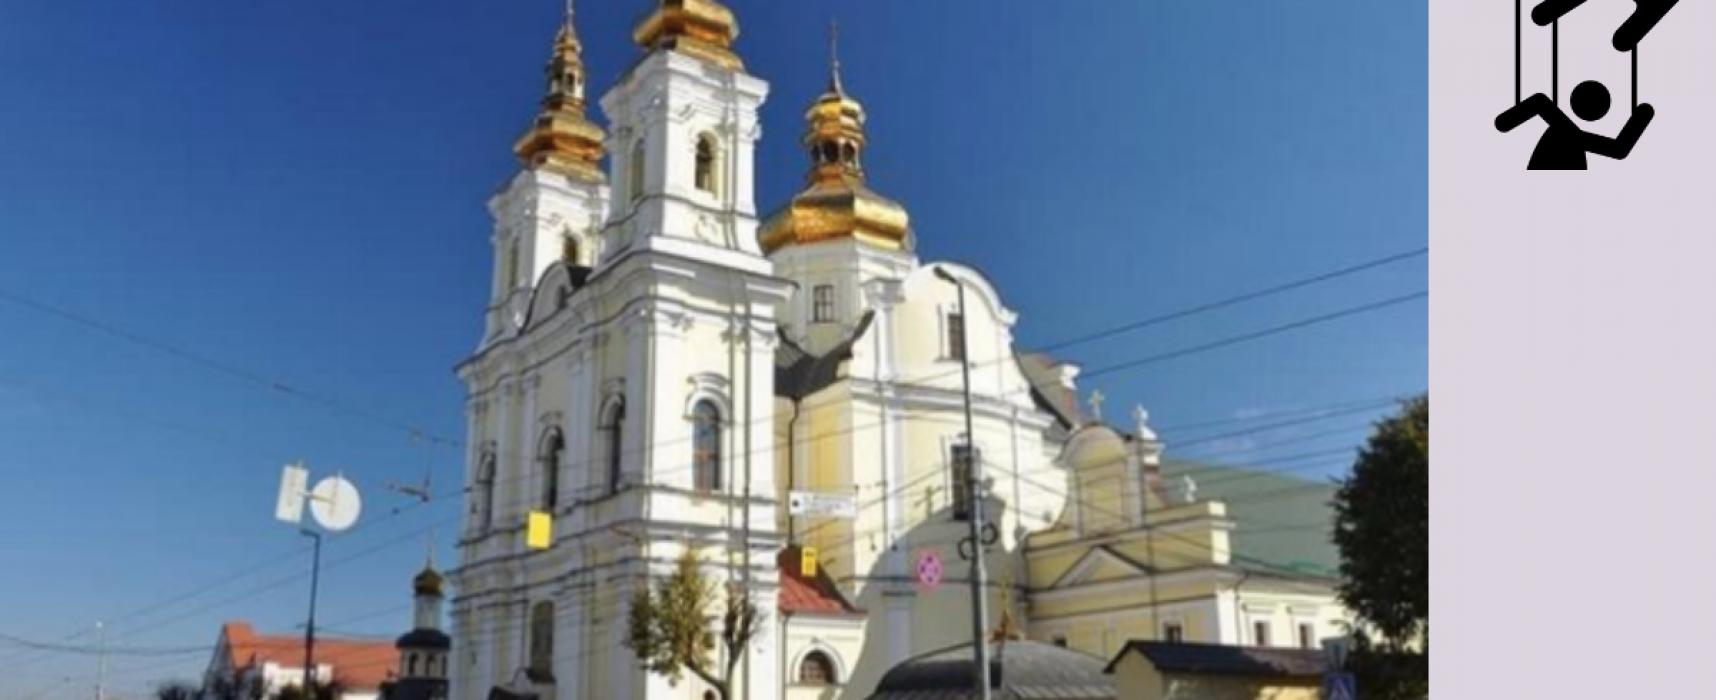 Фейк: Неизвестни лица завзели храм във Виниця